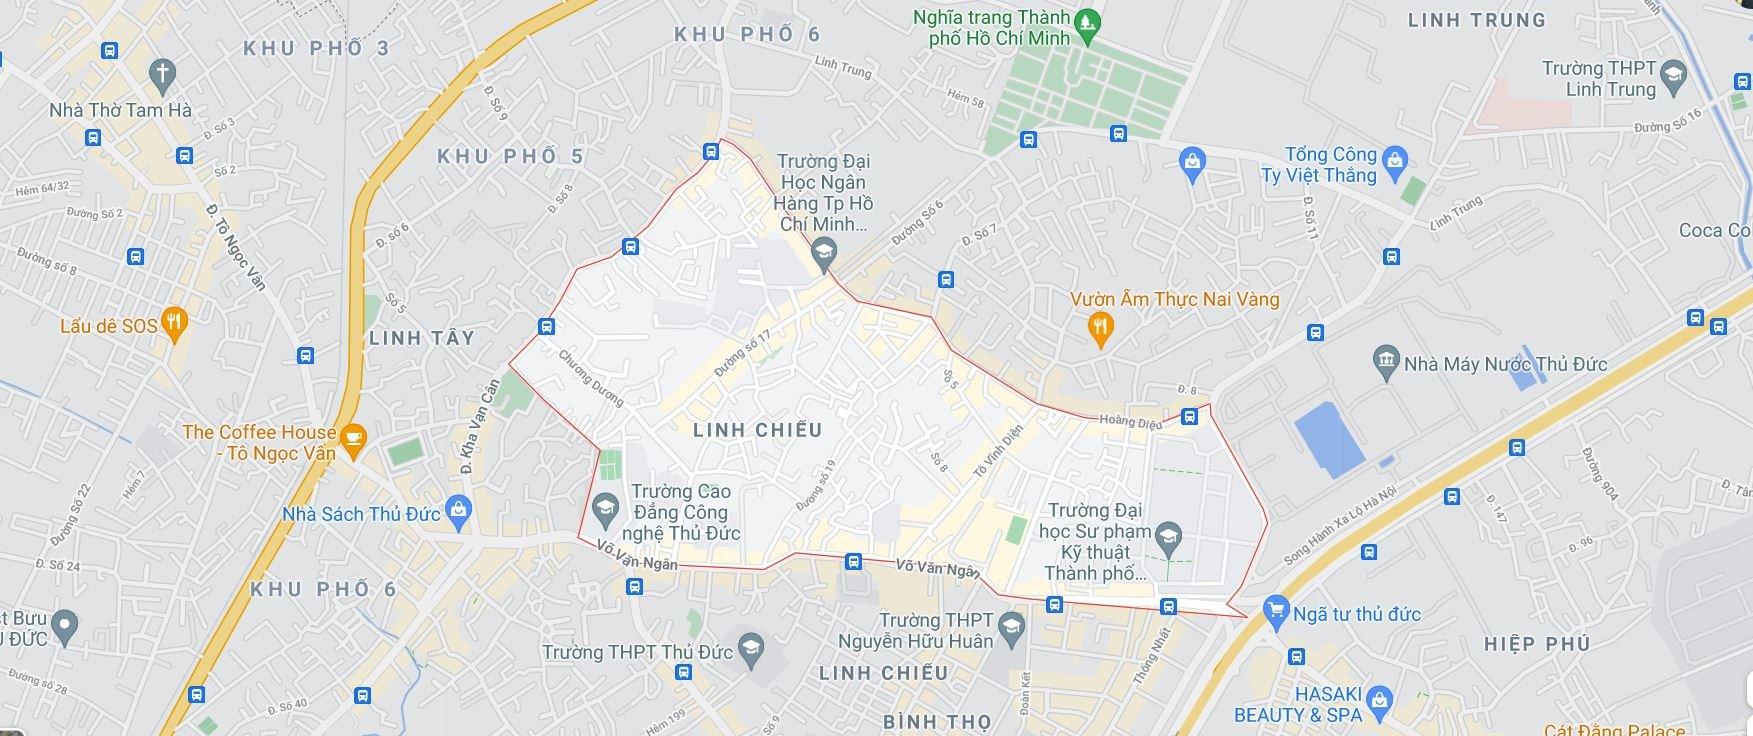 Hai đường sẽ mở theo quy hoạch tại phường Linh Chiểu, TP Thủ Đức - Ảnh 1.